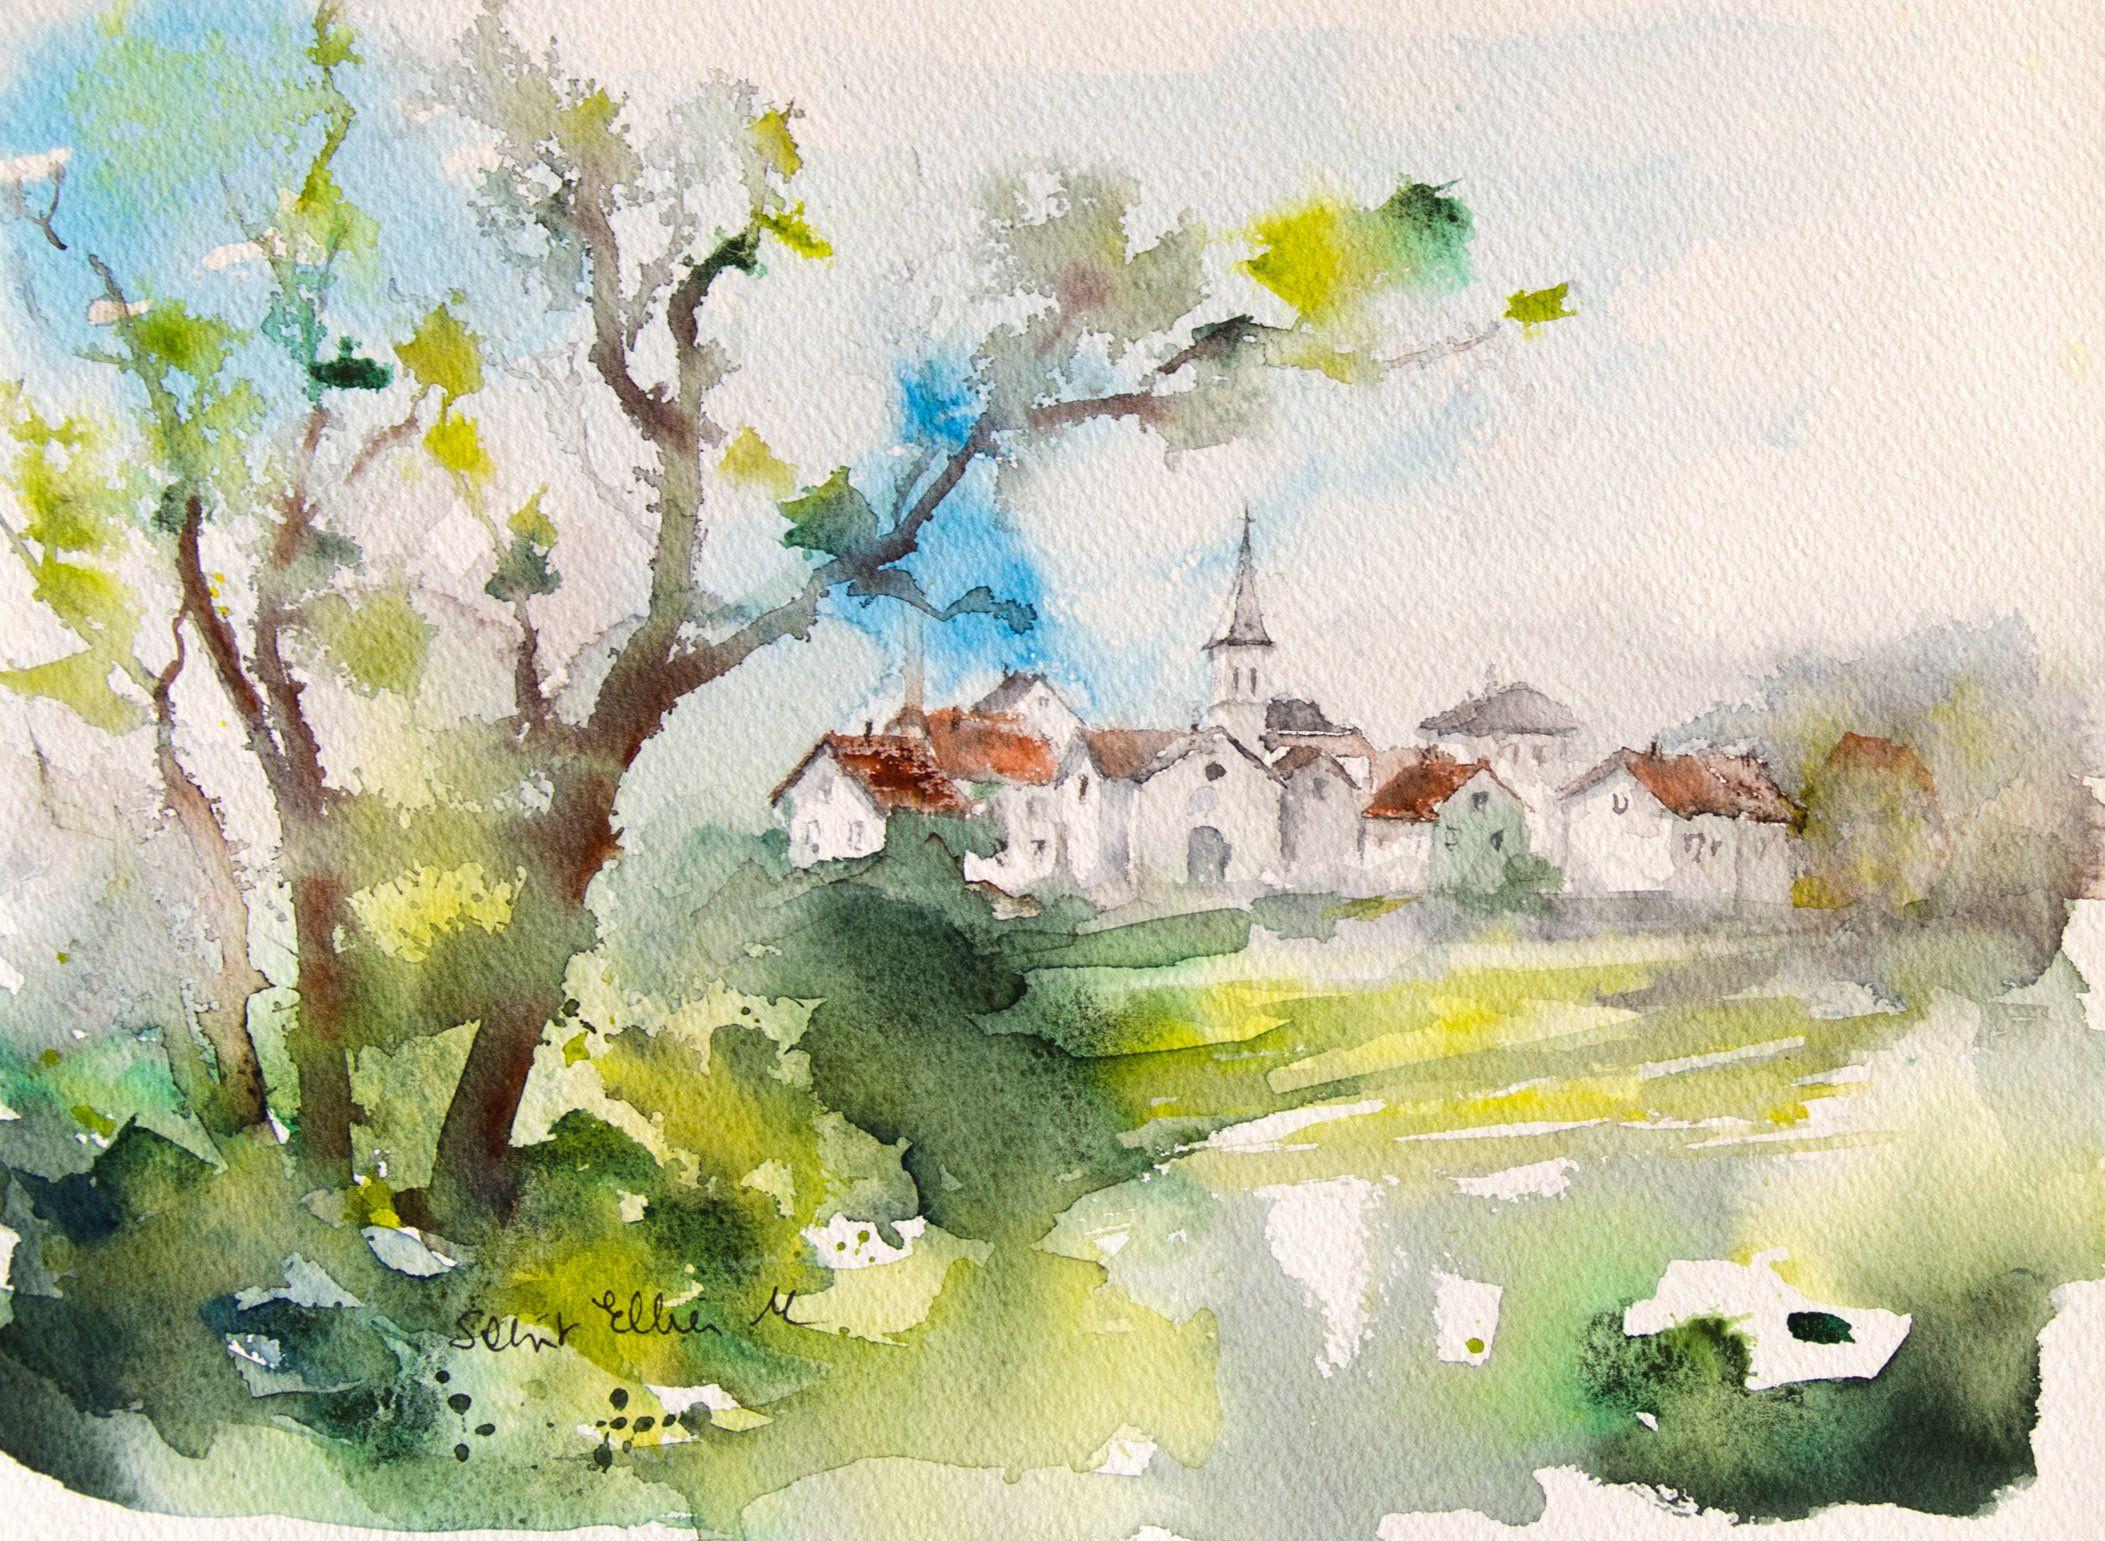 Aquarelle De Village De France Avec Maisons Et Eglise Paysage A L